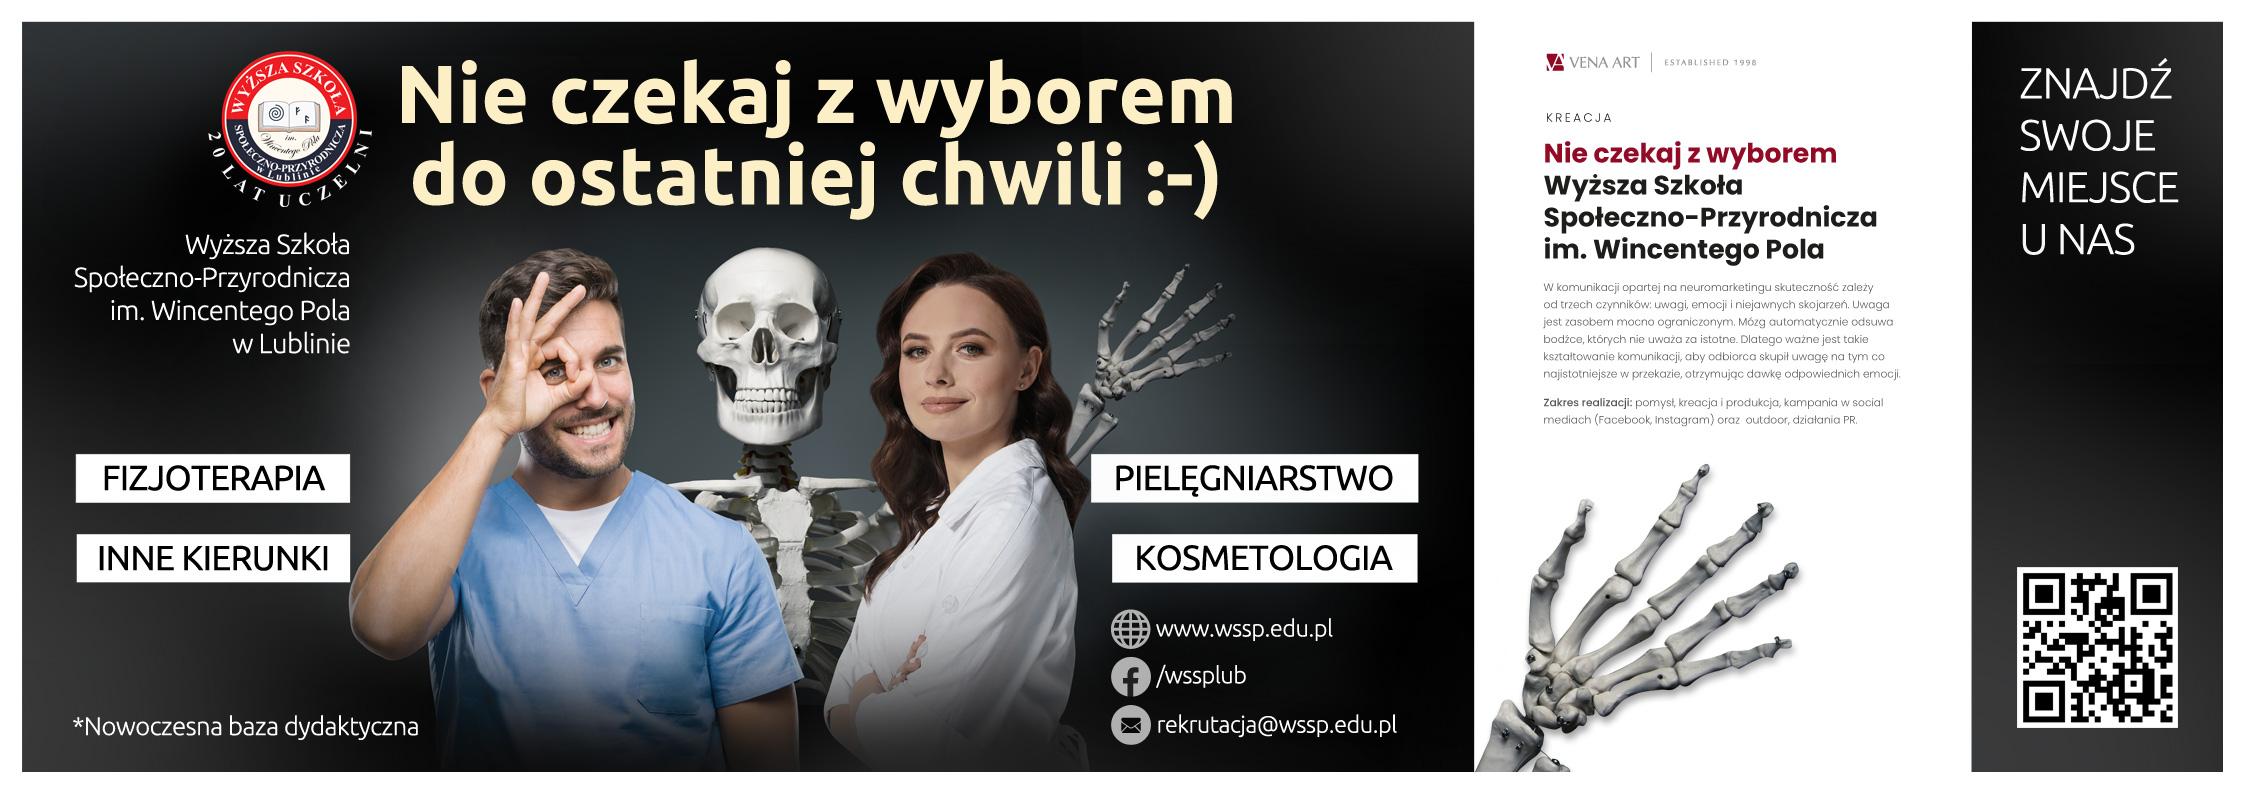 Nie czekaj zwyborem —Wyższa Szkoła Społeczno-Przyrodnicza im.Wincentego Pola